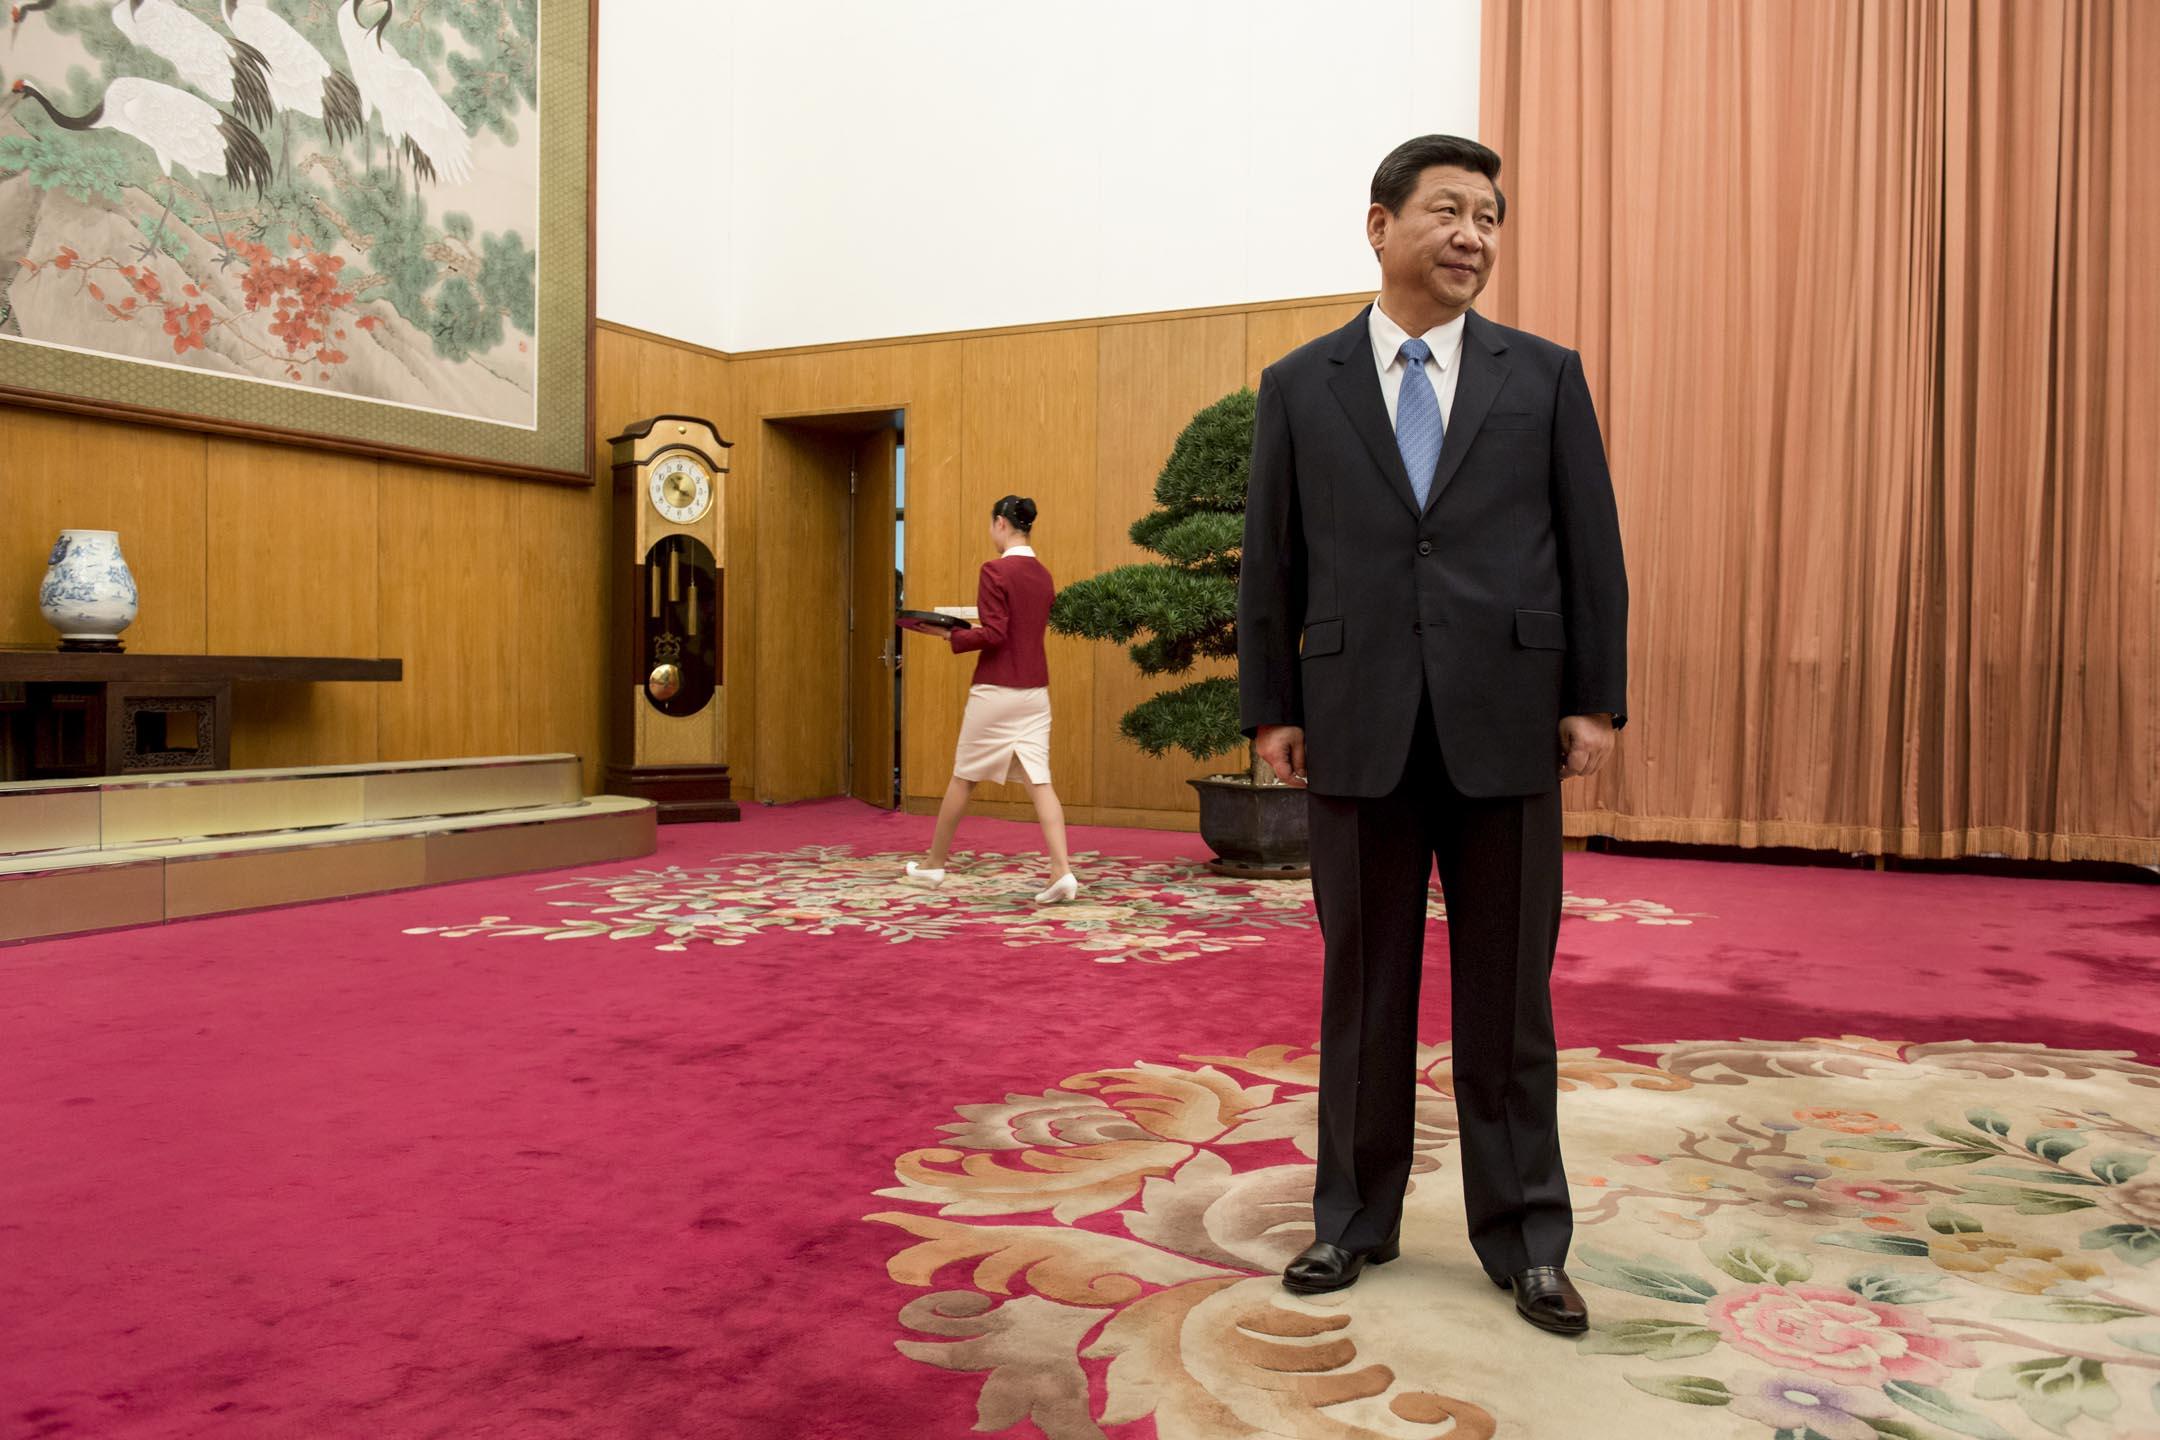 中共中央委員會提議,刪除憲法第七十九條第三款中對國家主席、副主席「連續任職不得超過兩屆」的規定,外間普遍反應是修憲為中國最高領導人習近平繼續執掌黨、政、軍大權鋪路。